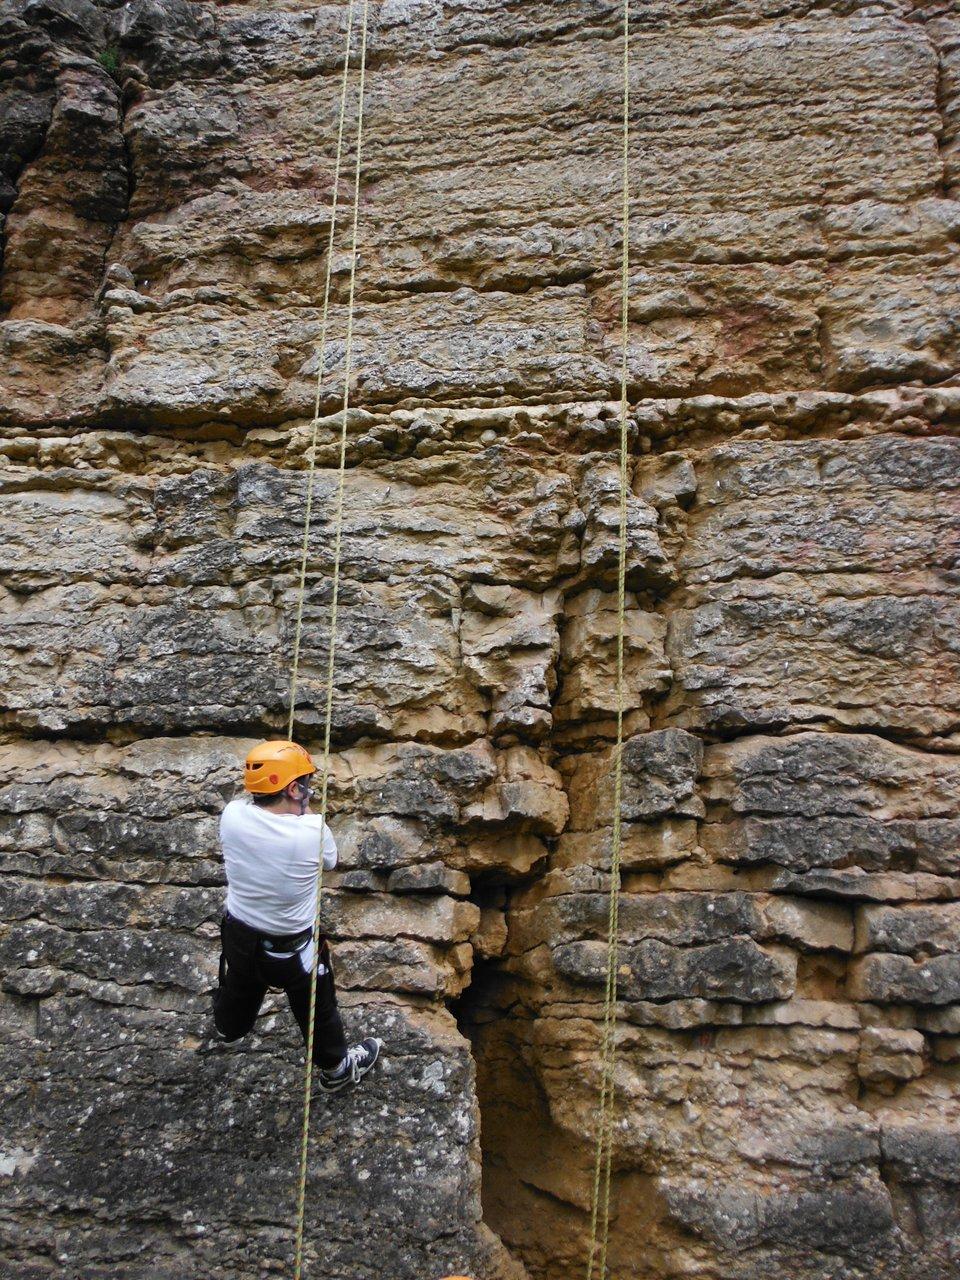 Les enfants aprennent à faire confiance au matériel à l'école d'escalade de Limas près de Lyon